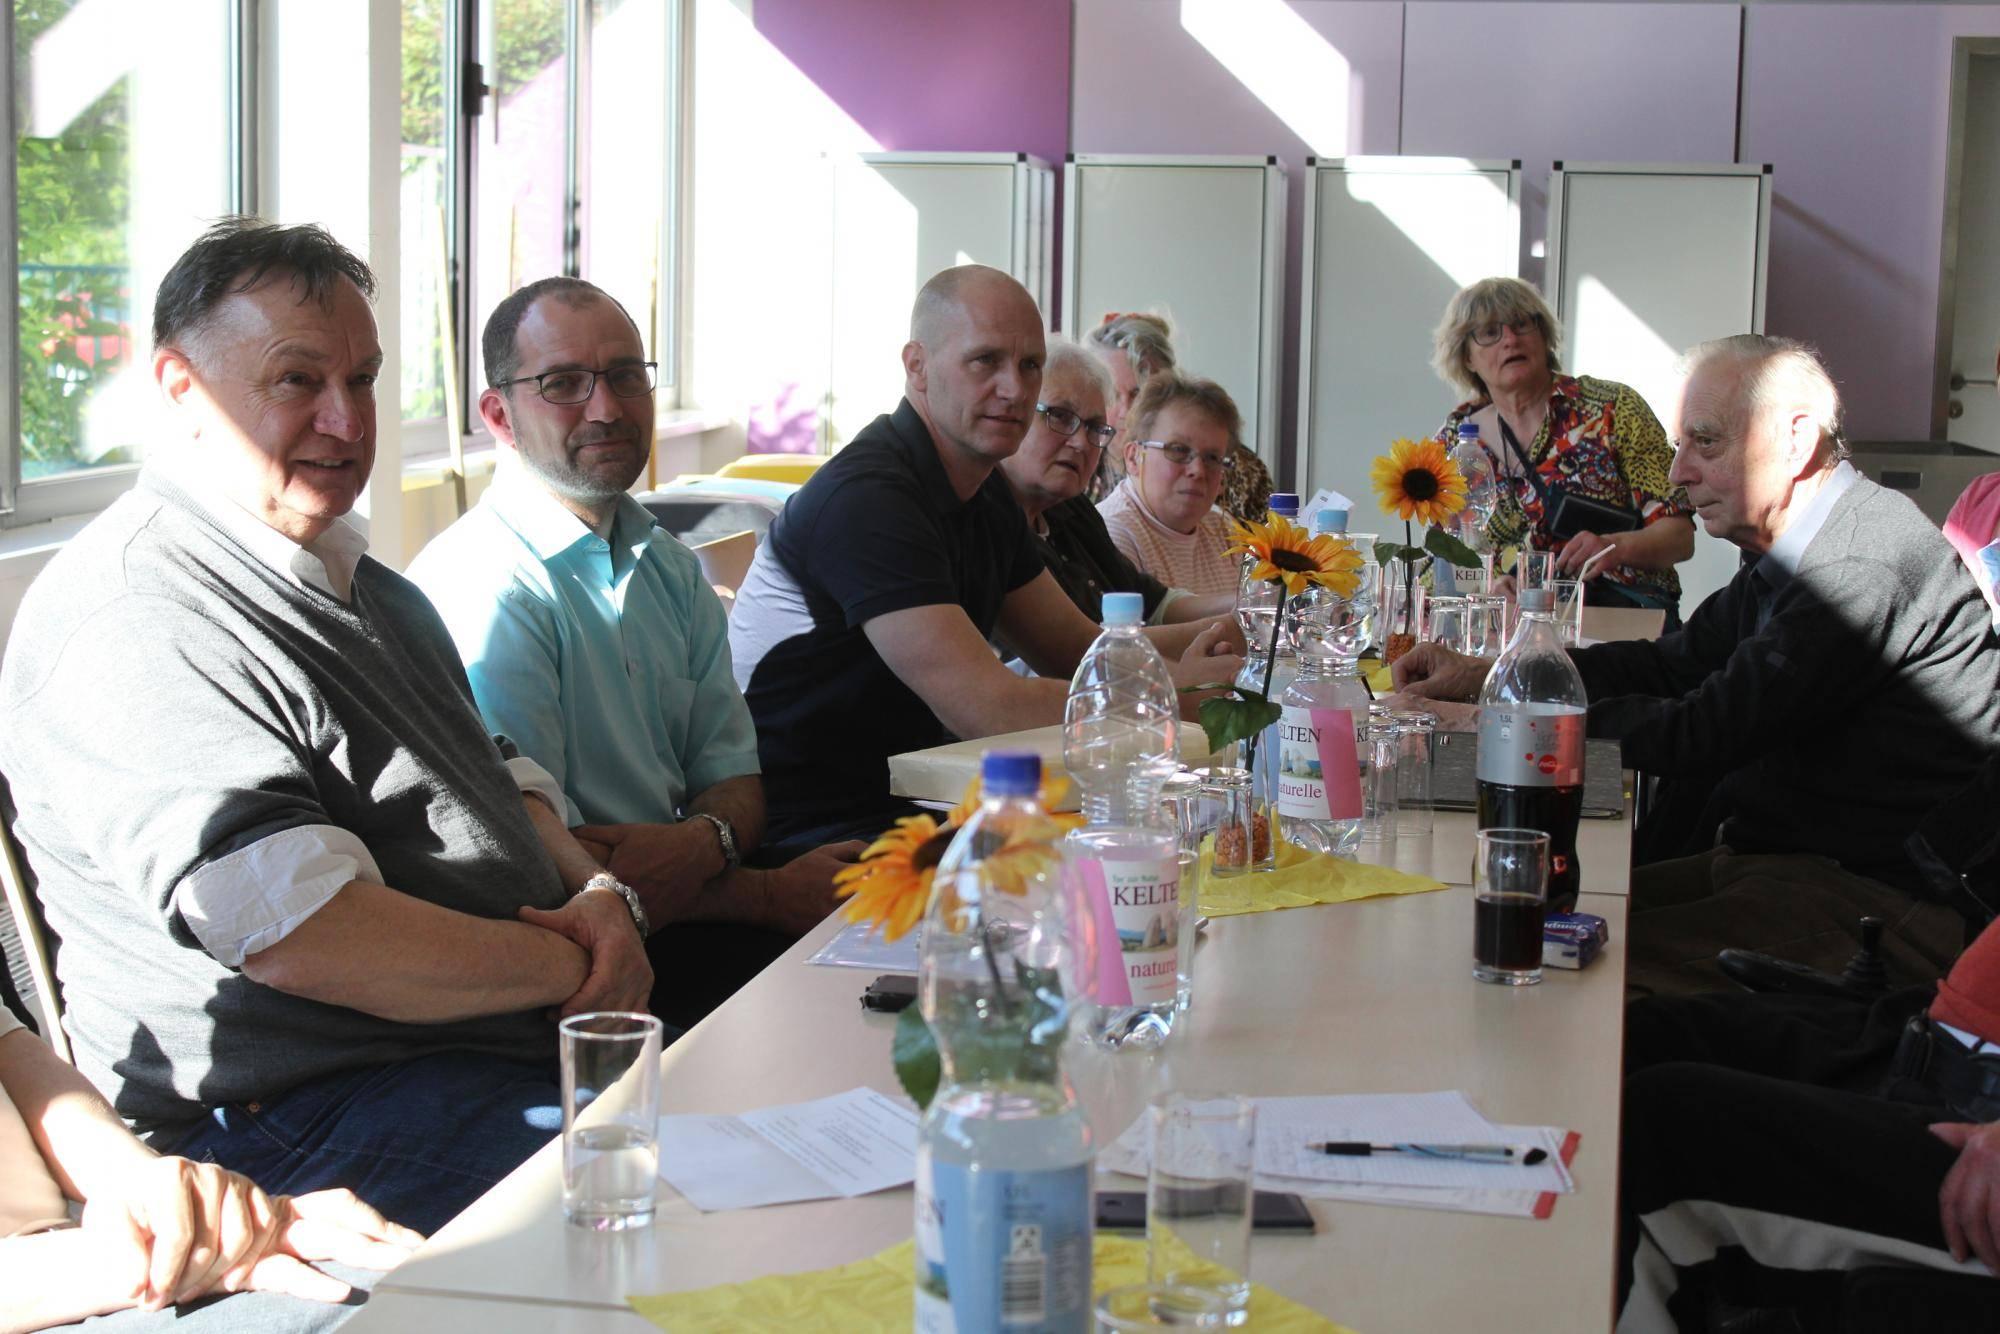 """Seniorenbeirat erörtert Thema """"Bad Kreuznach hürdenlos"""""""